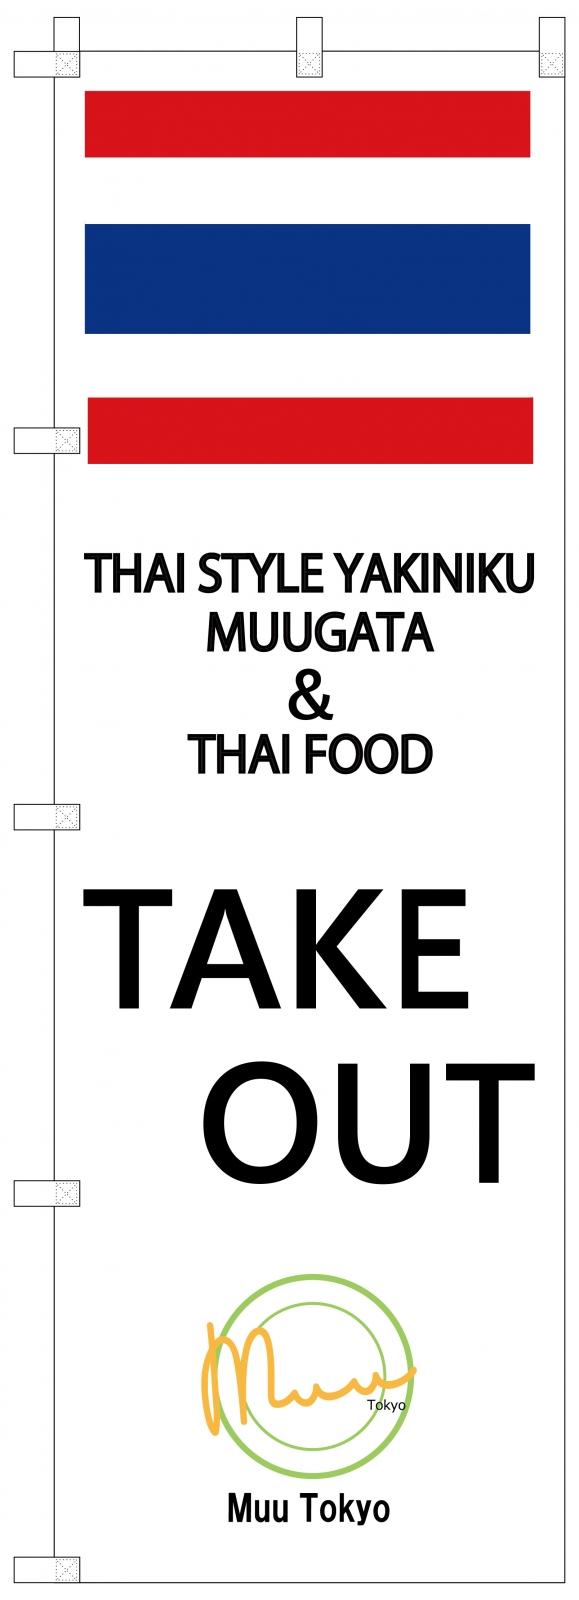 タイ料理屋ののぼり